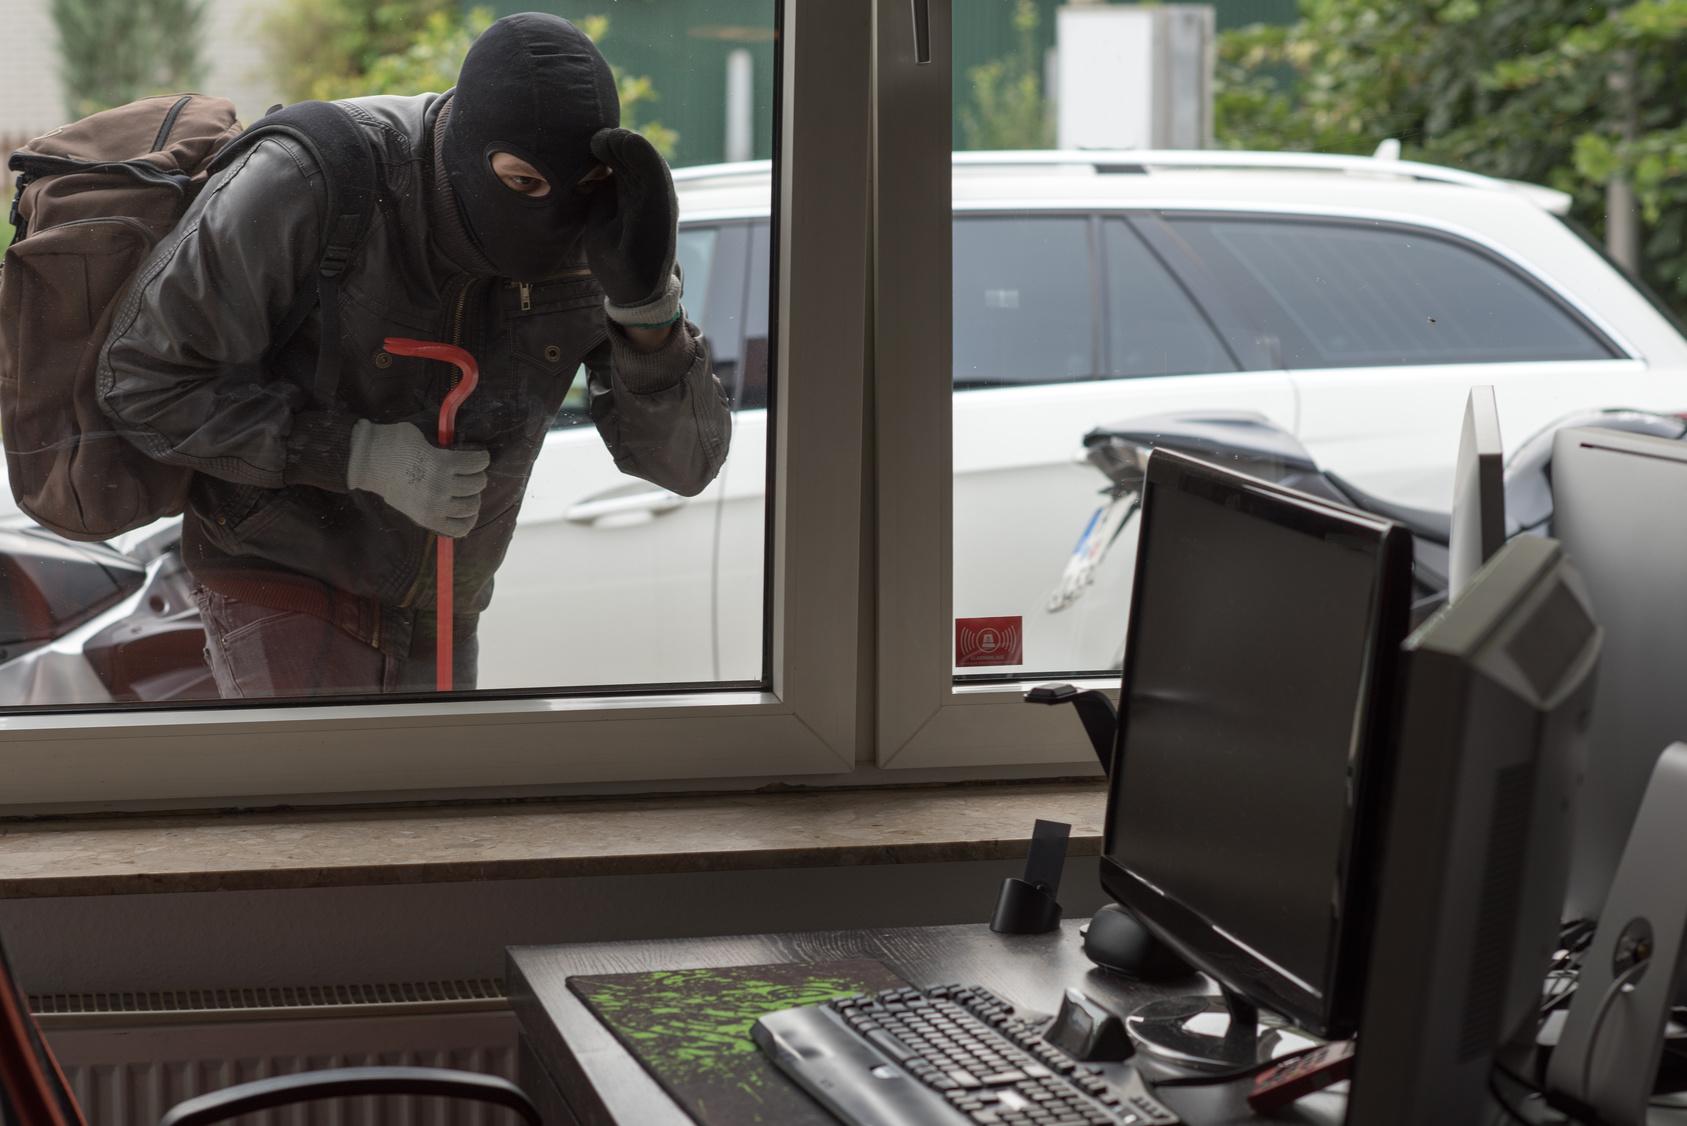 窃盗犯をシャットアウト!会社・事務所の効果的な防犯対策